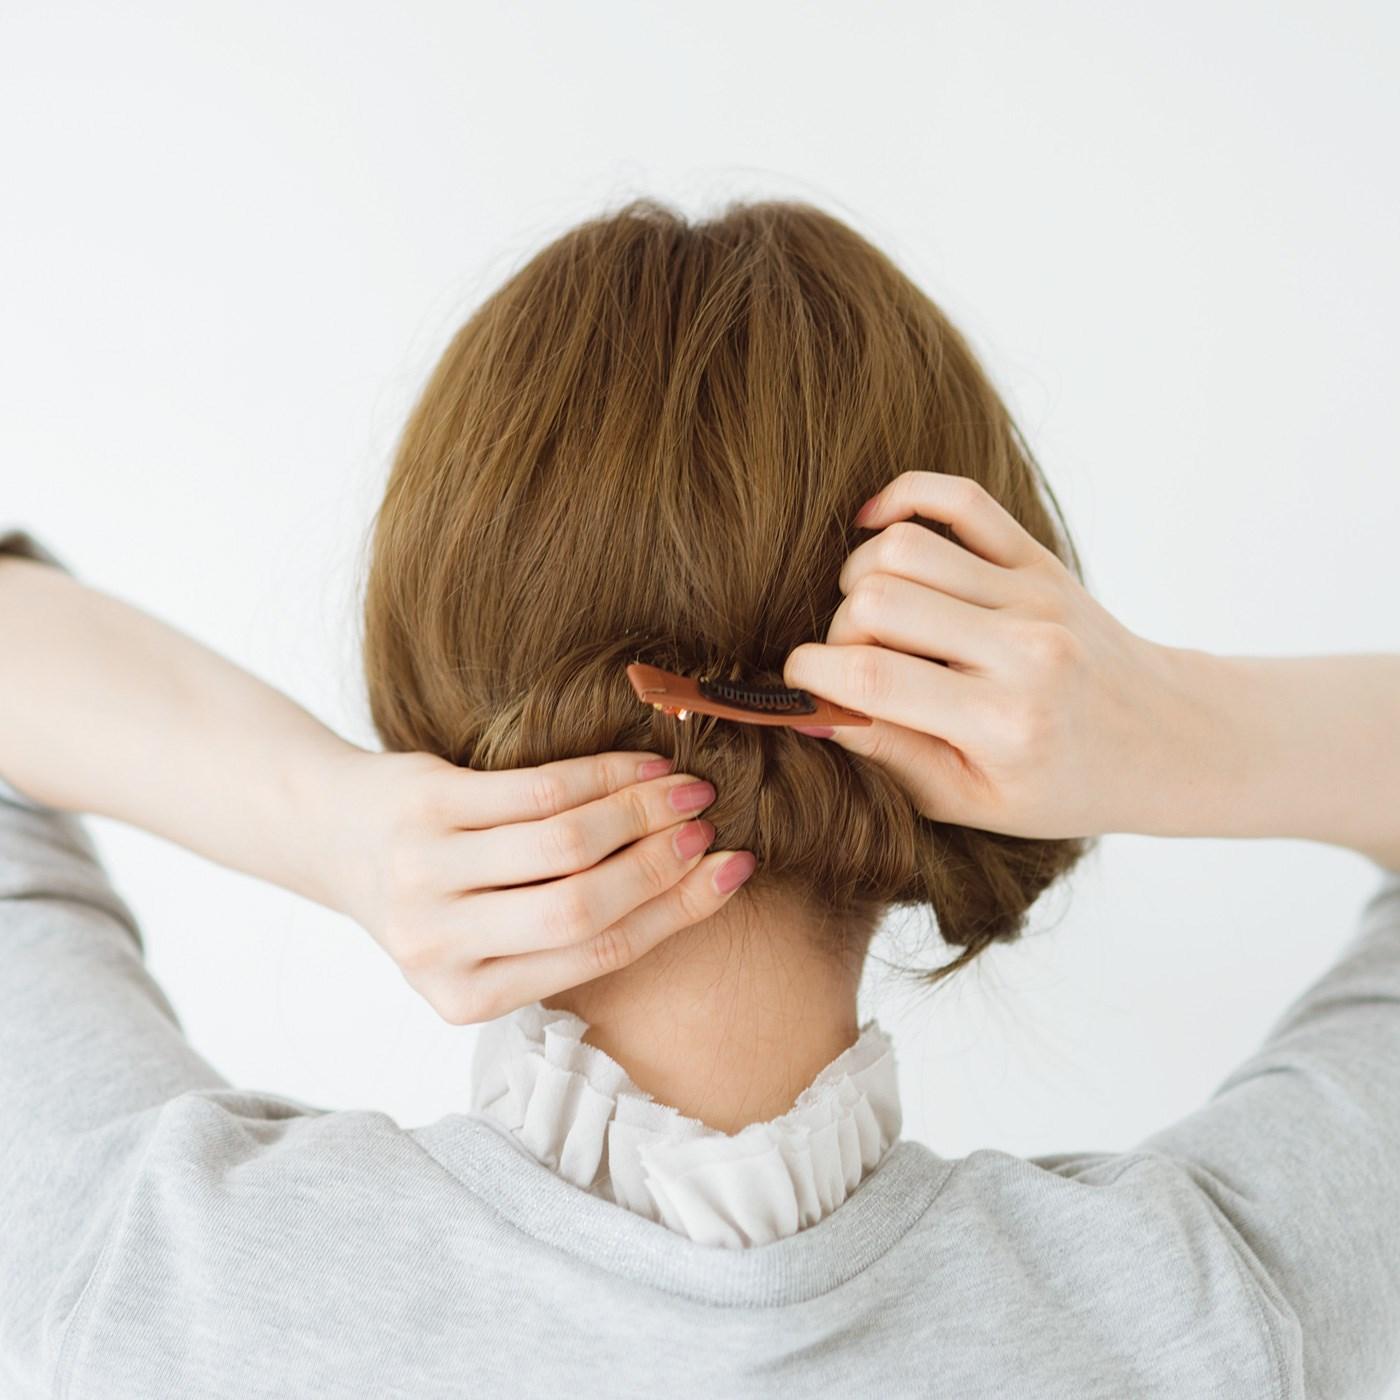 あらかじめ下の方で、ゴムで結んでおきます。毛先を上に向けて巻き込み、コームで髪をすくいます。